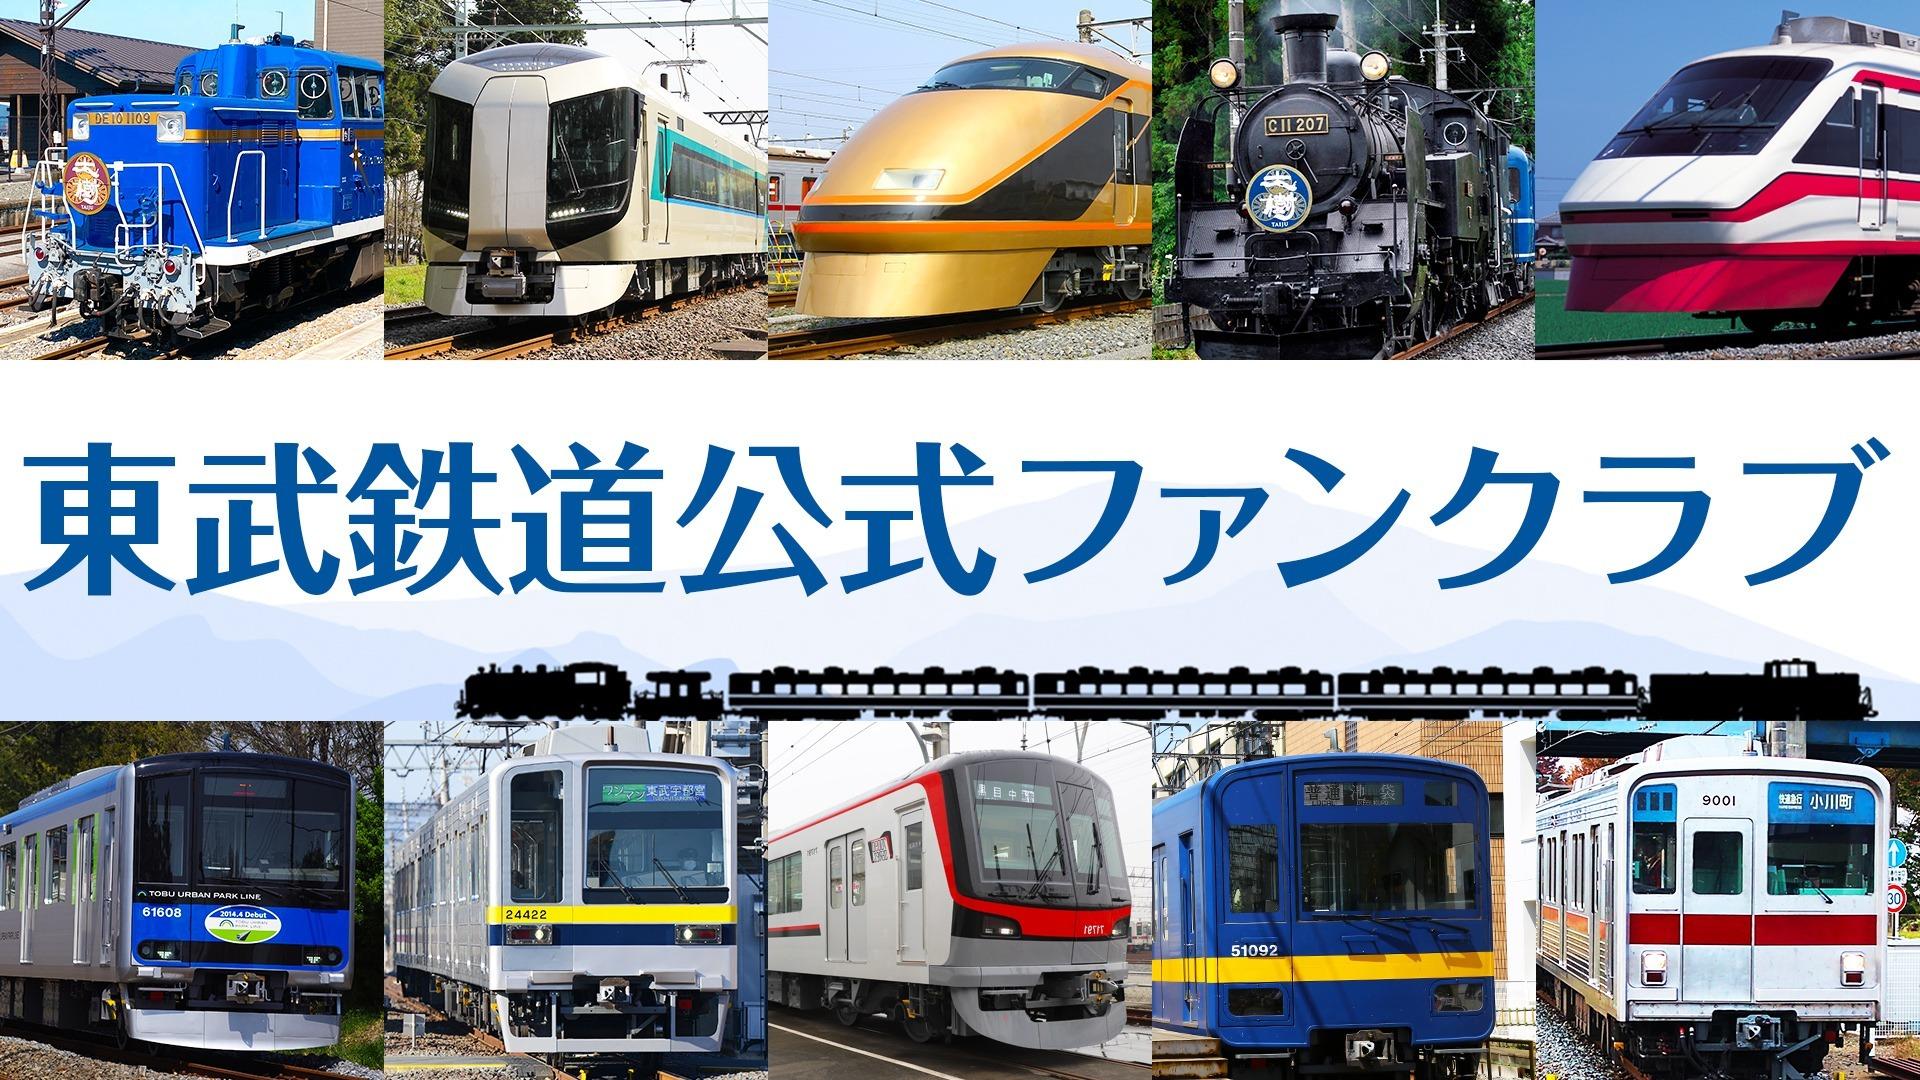 東武鉄道公式ファンクラブ